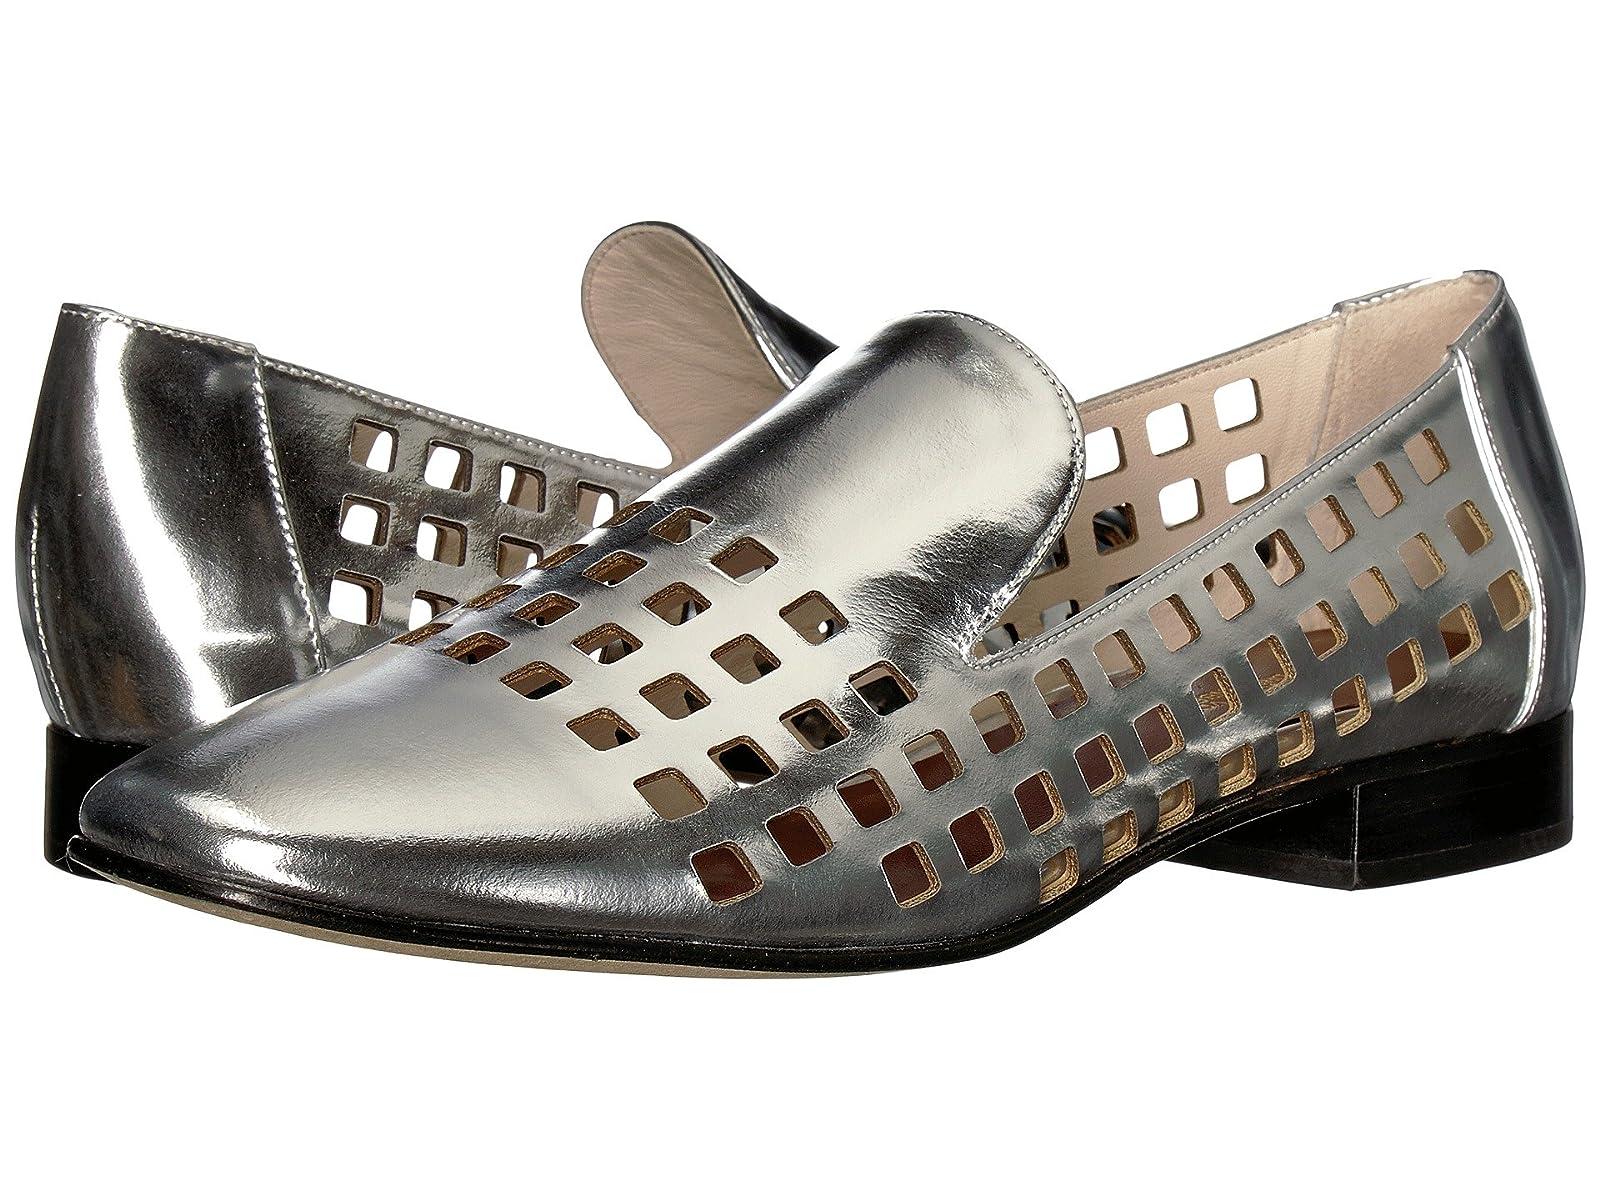 Diane von Furstenberg Linz Perforated LoaferCheap and distinctive eye-catching shoes